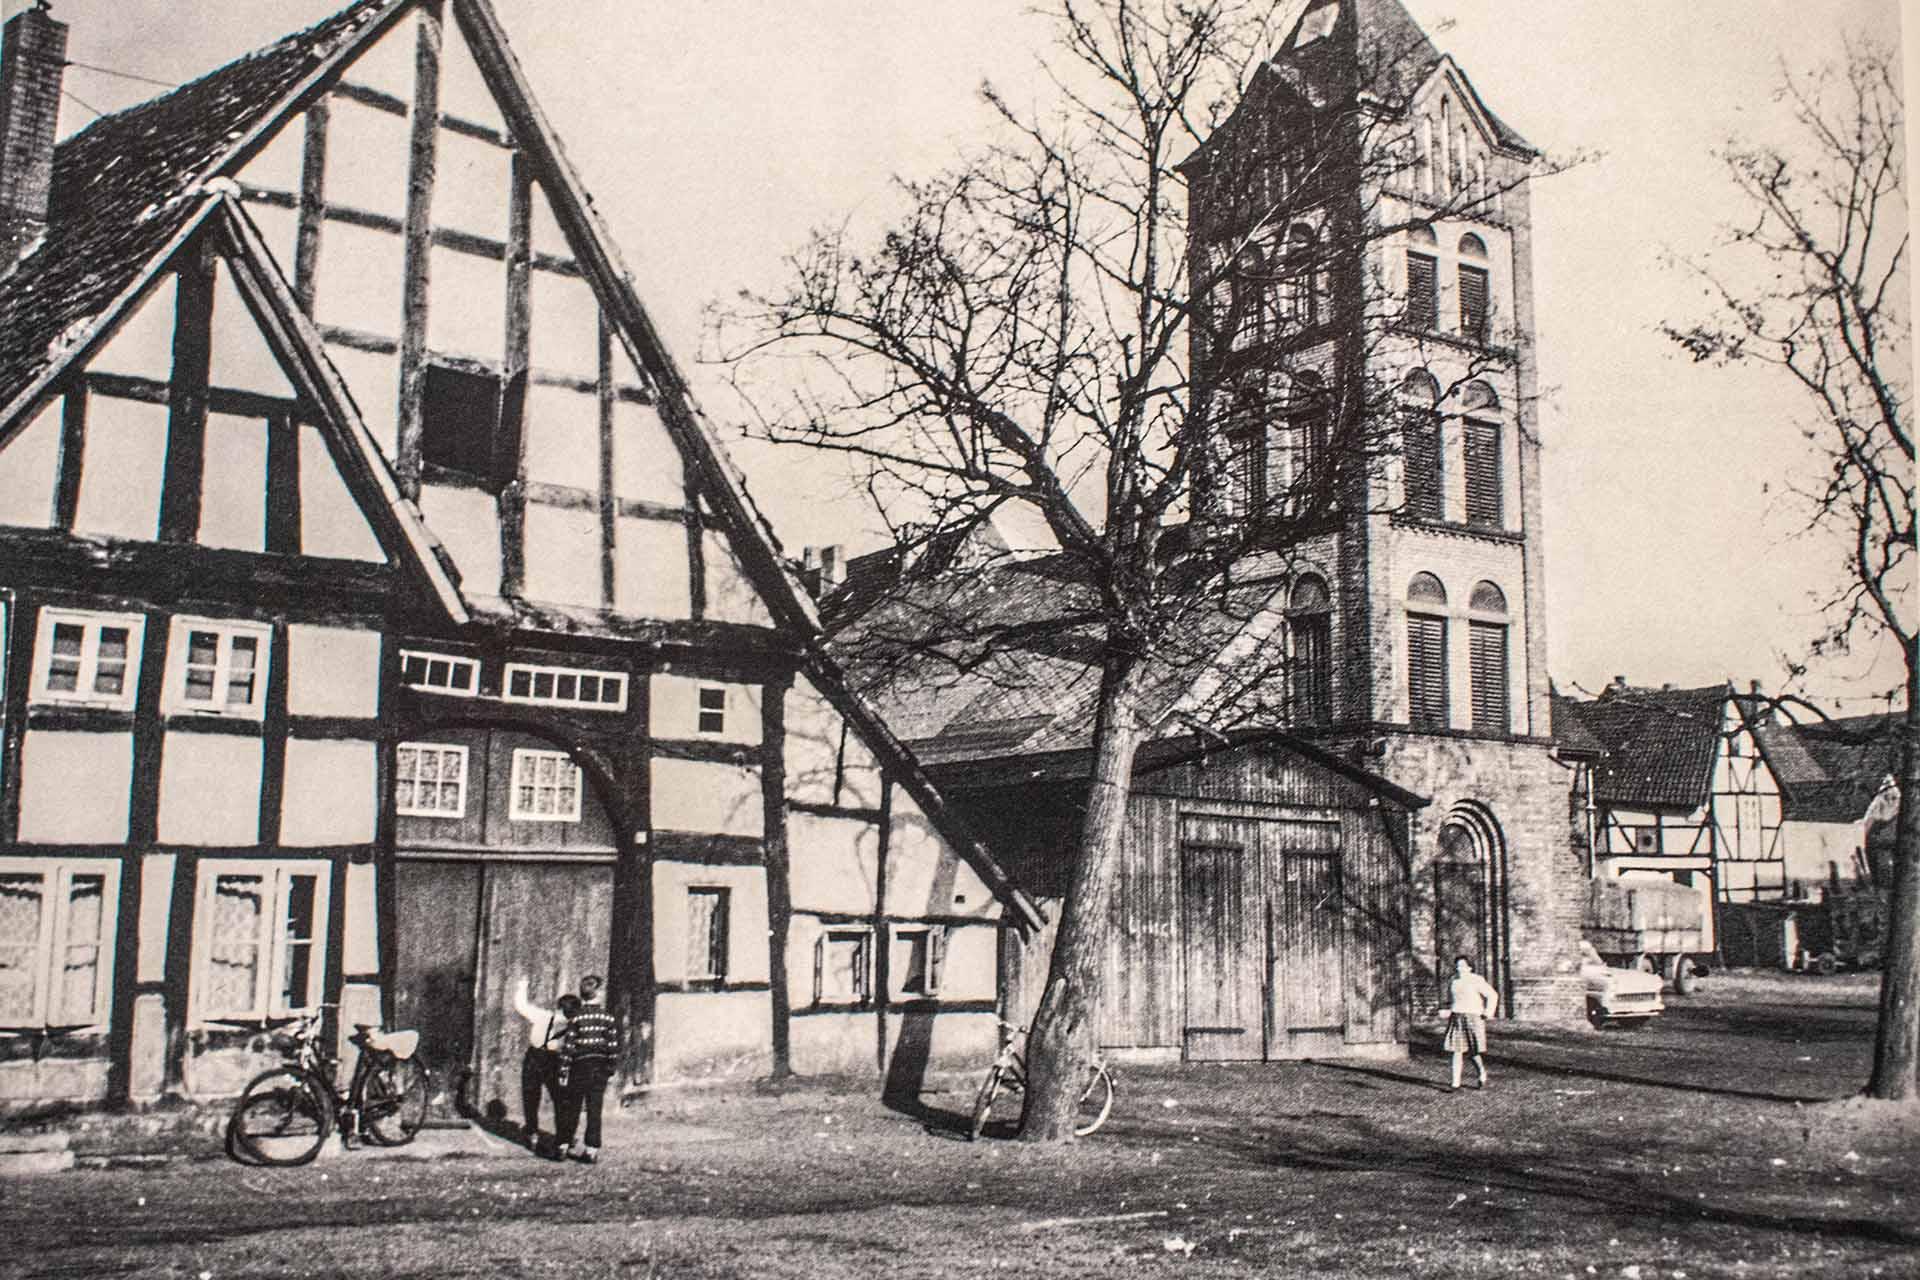 Am alten Markt in Wunstorf